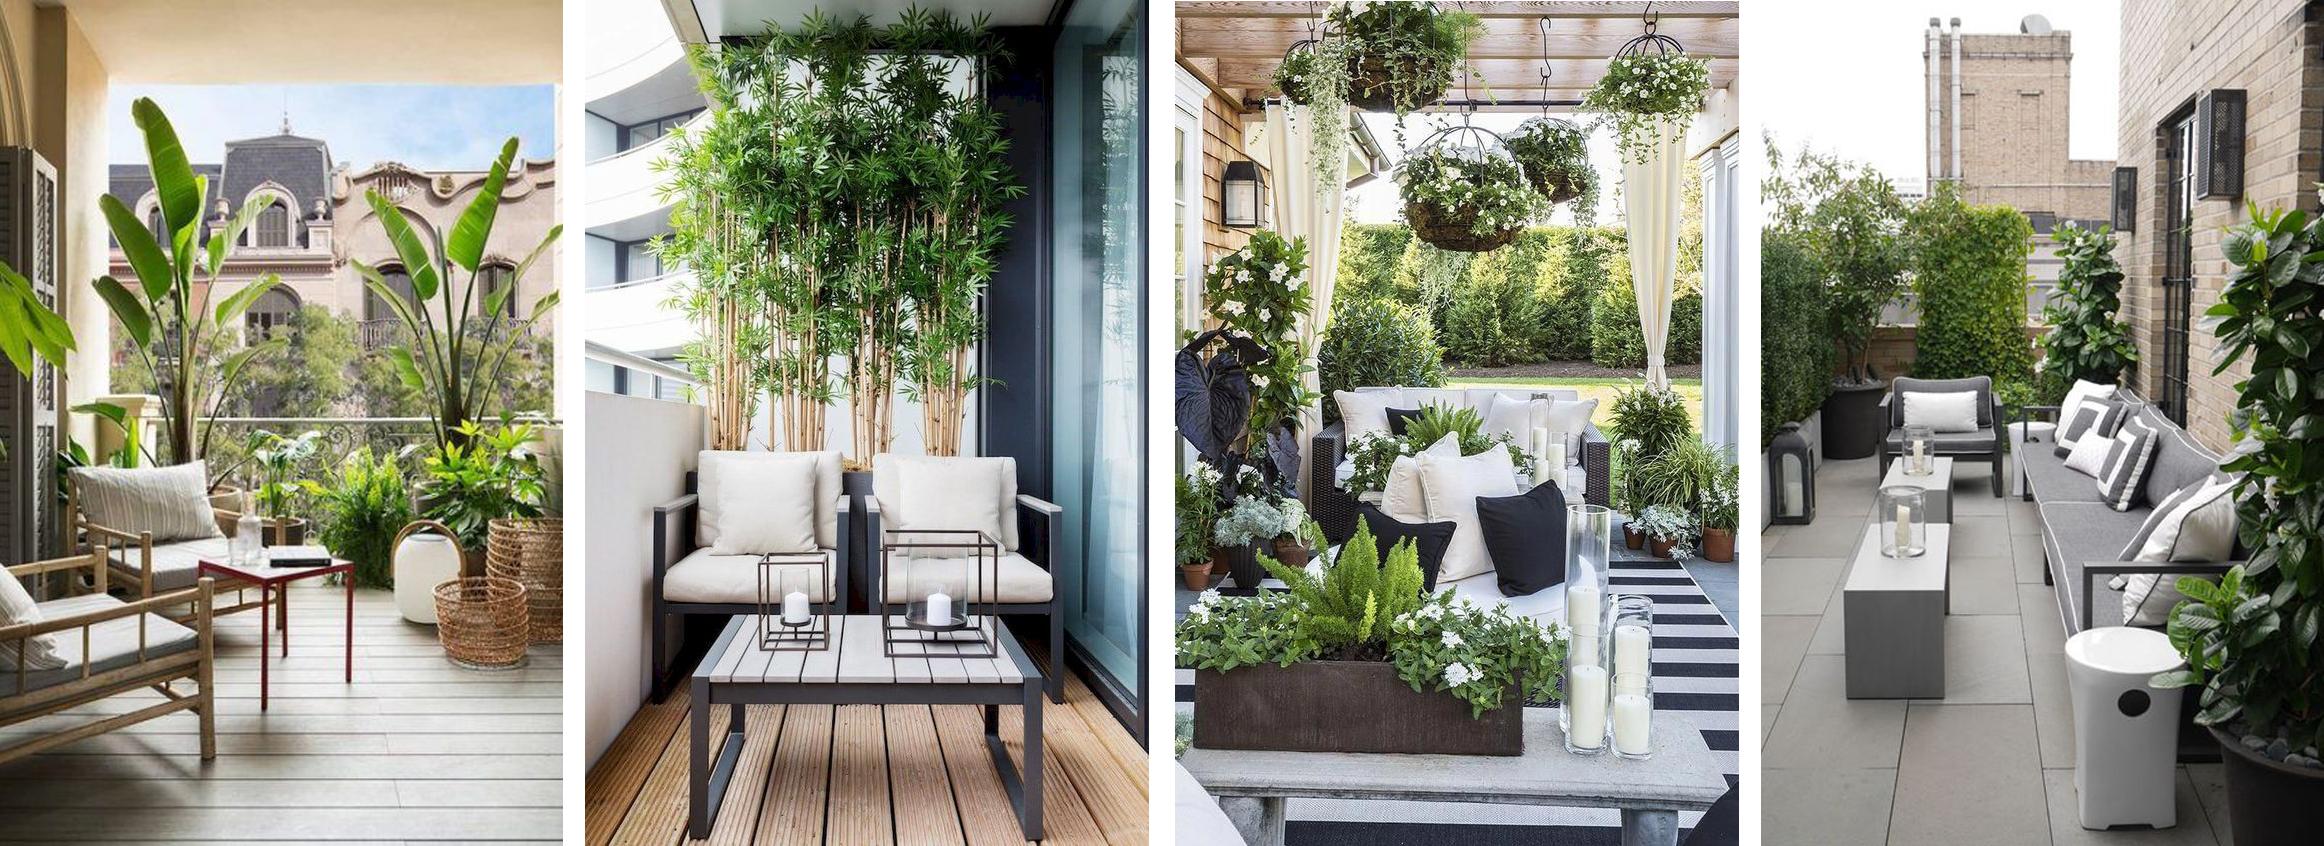 8 dizájn tipp, hogy nagyobbnak érezd az erkélyedet